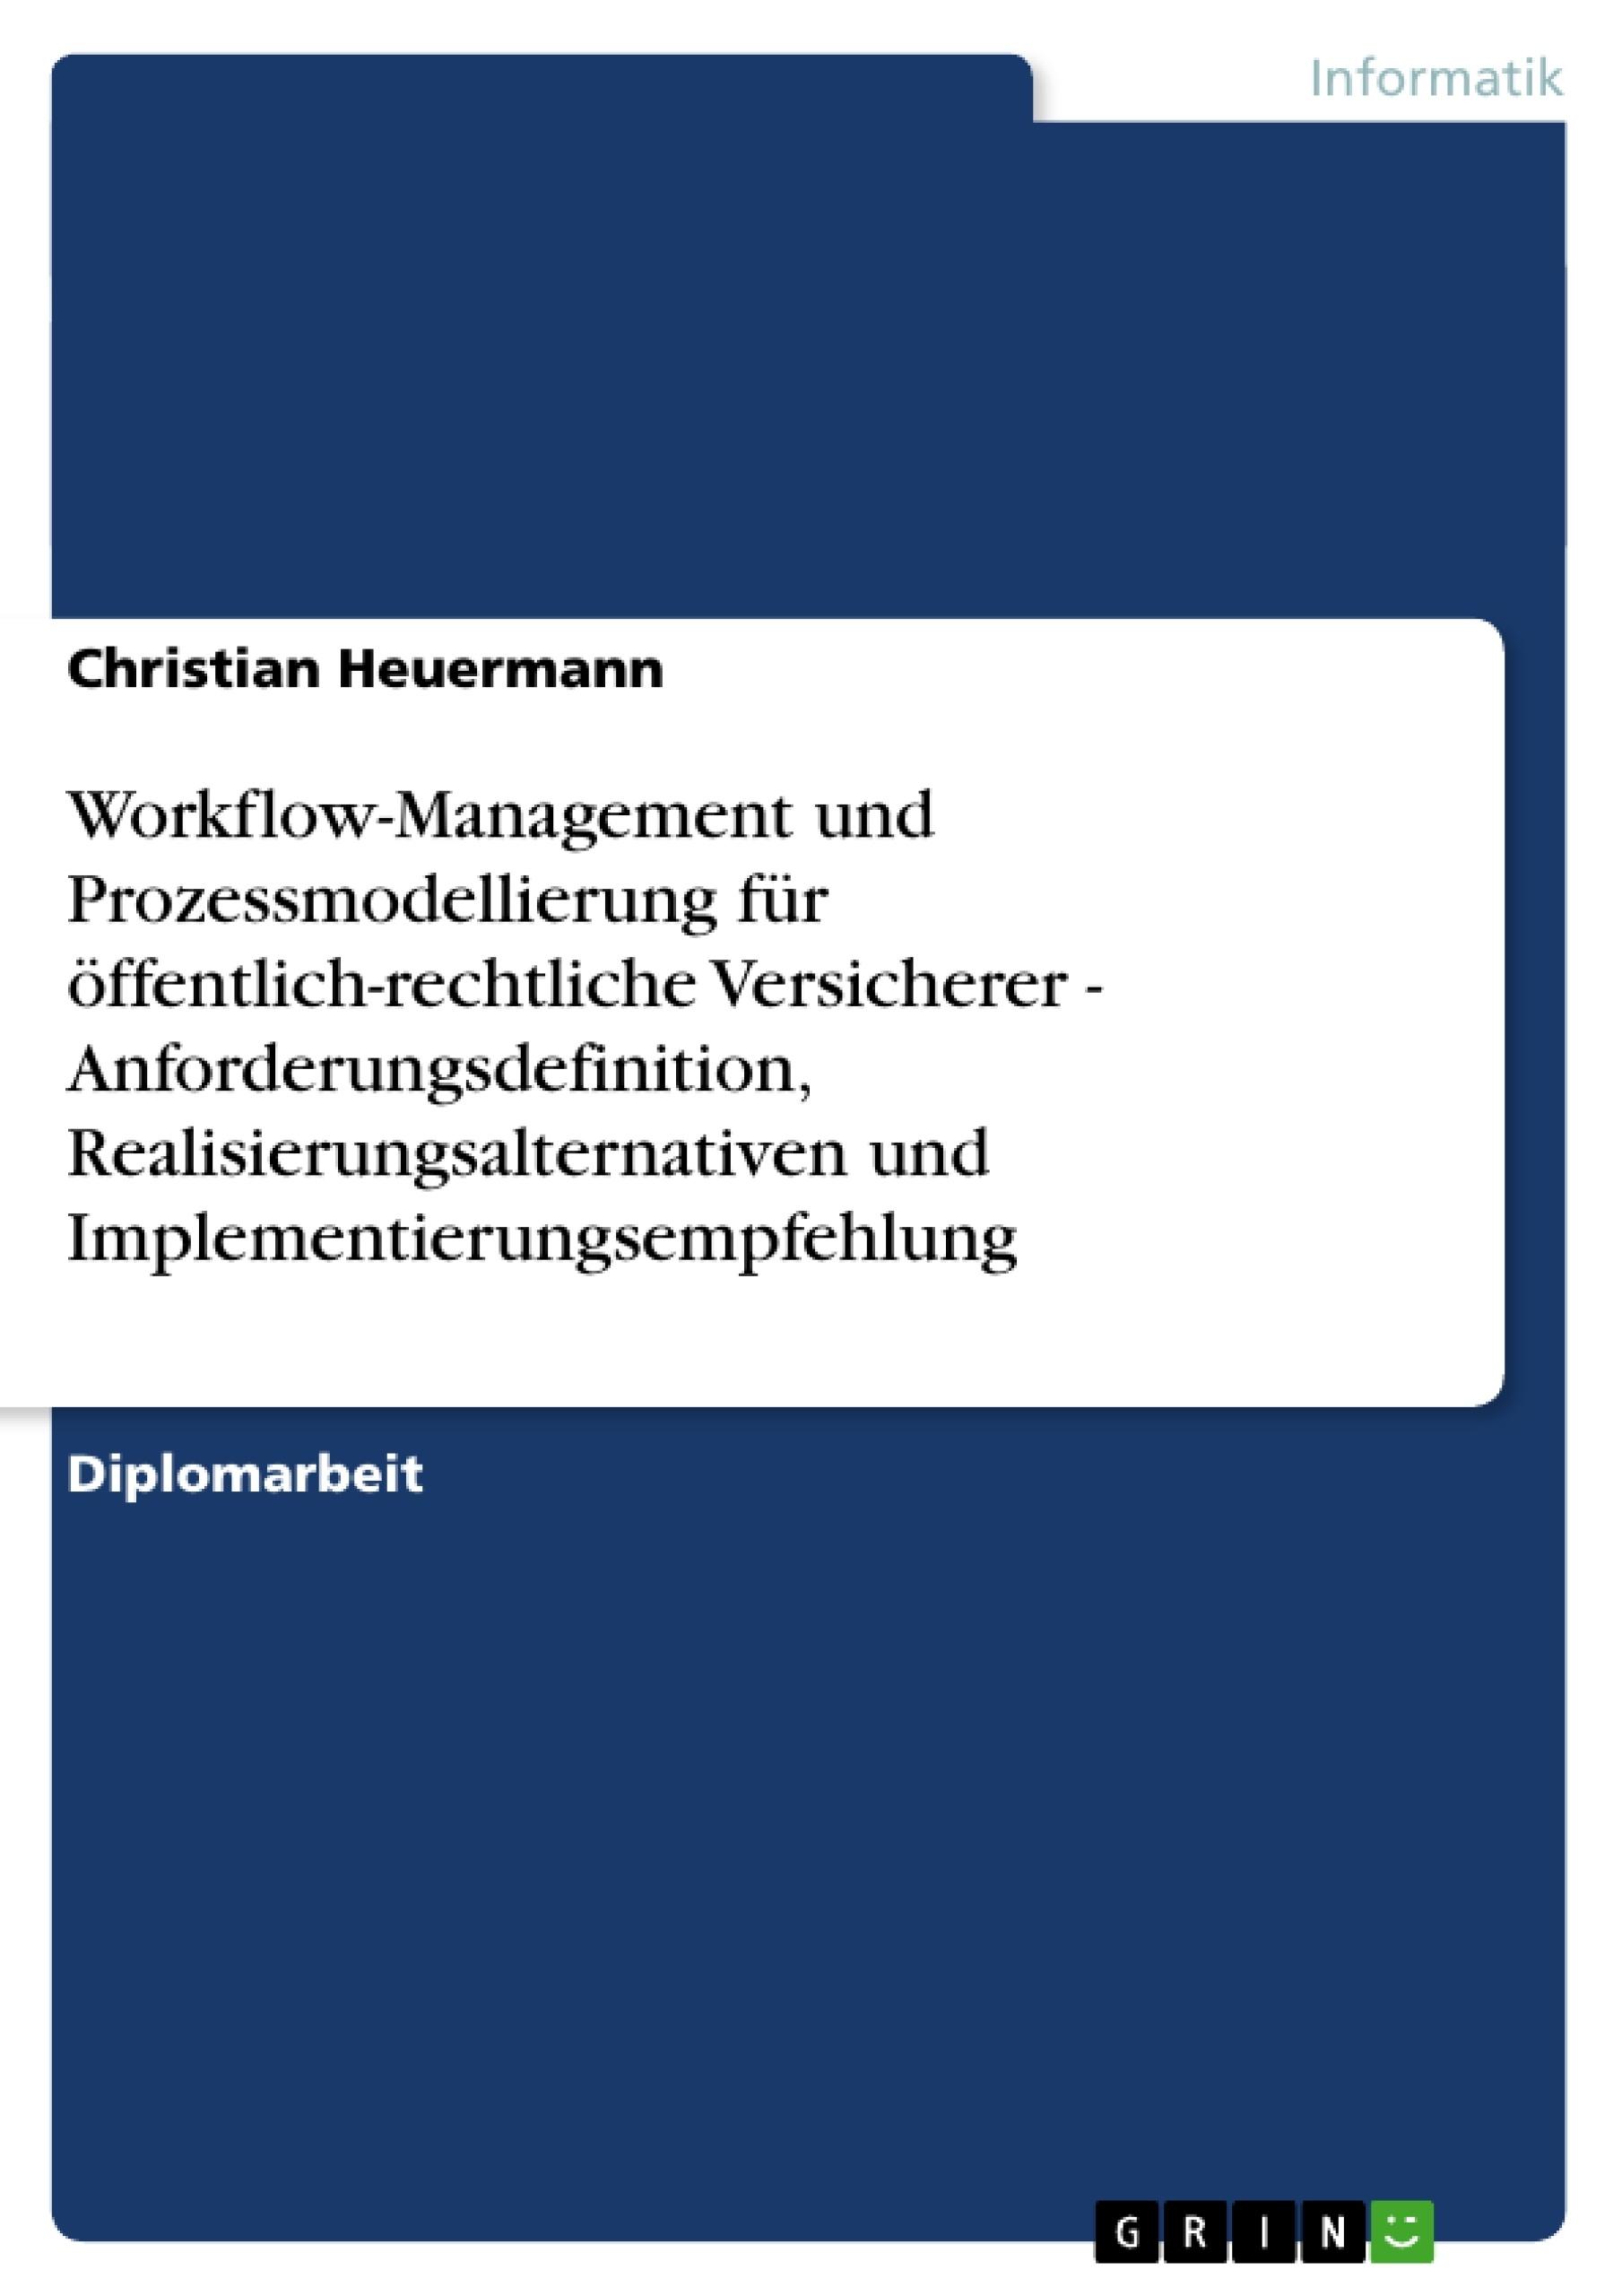 Titel: Workflow-Management und Prozessmodellierung für öffentlich-rechtliche Versicherer - Anforderungsdefinition, Realisierungsalternativen und Implementierungsempfehlung